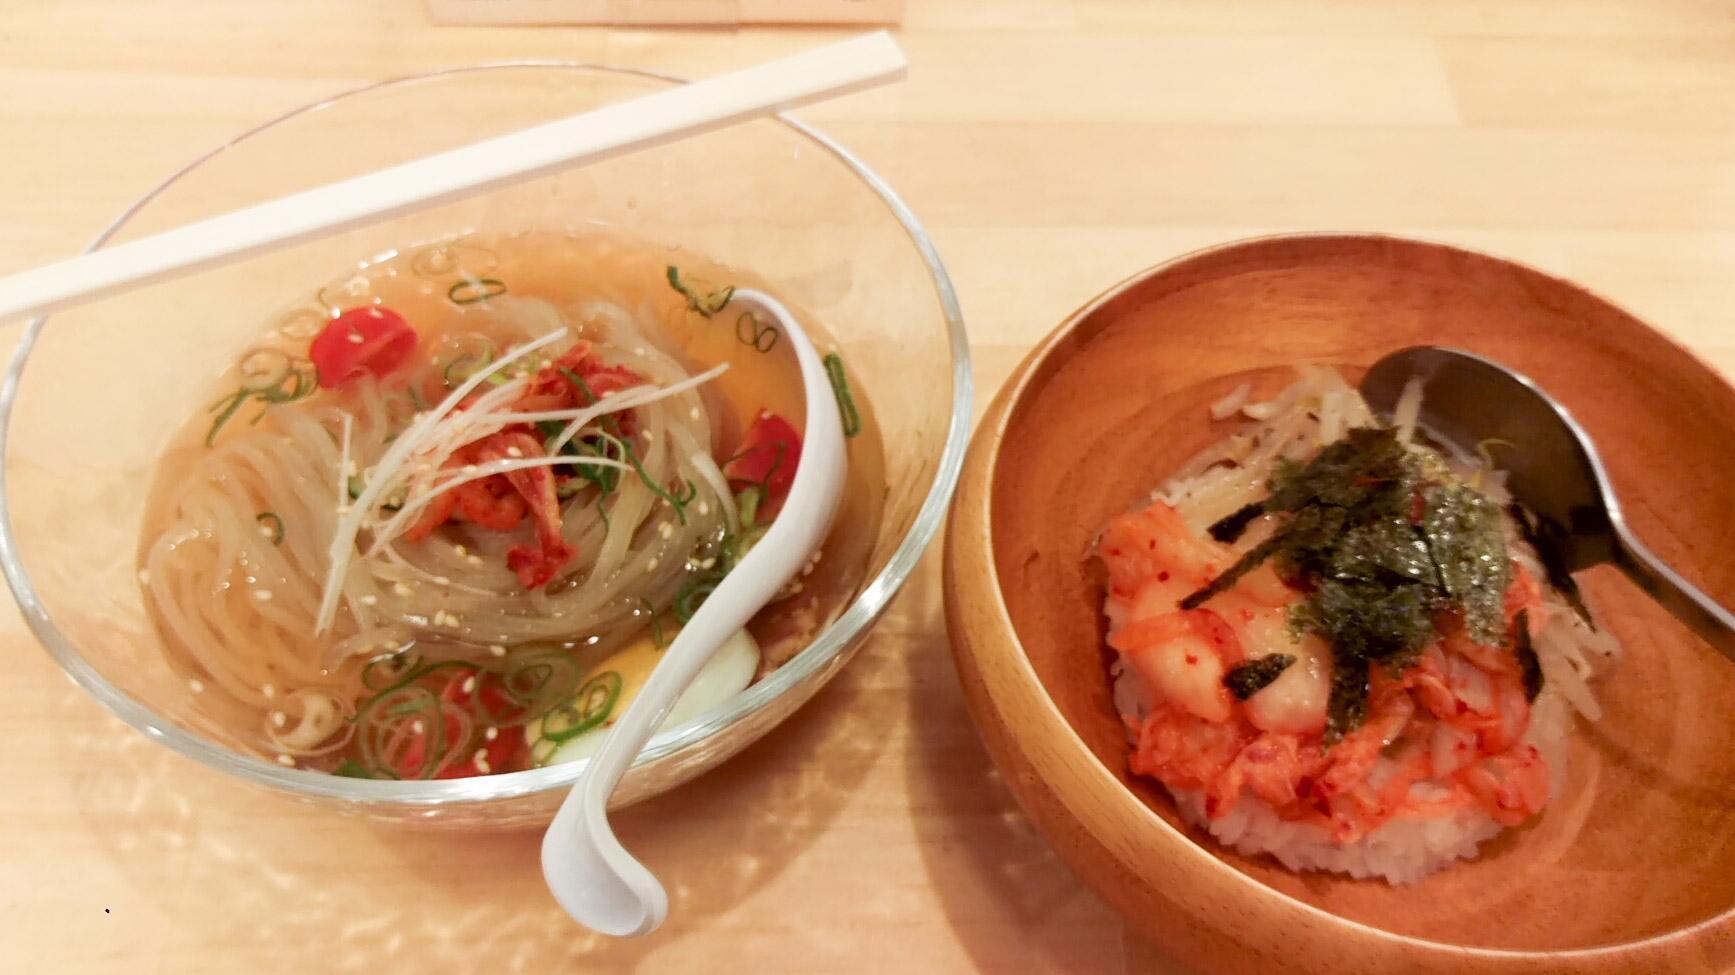 明太ナムル丼と半玉冷麺のセット@美伸さん